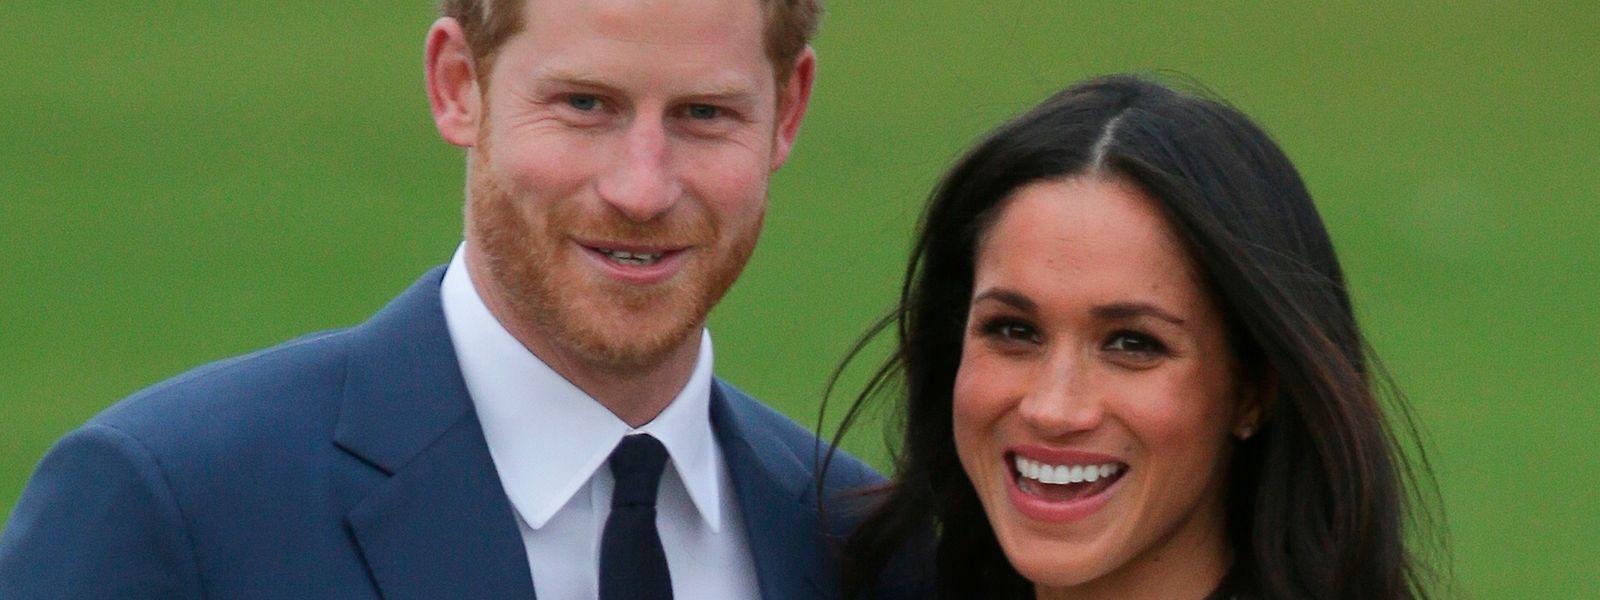 Le prince Harry et son épouse Meghan Markle veulent nous inciter à voyager plus éthique et durable. Mais sont-ils de bons exemples?